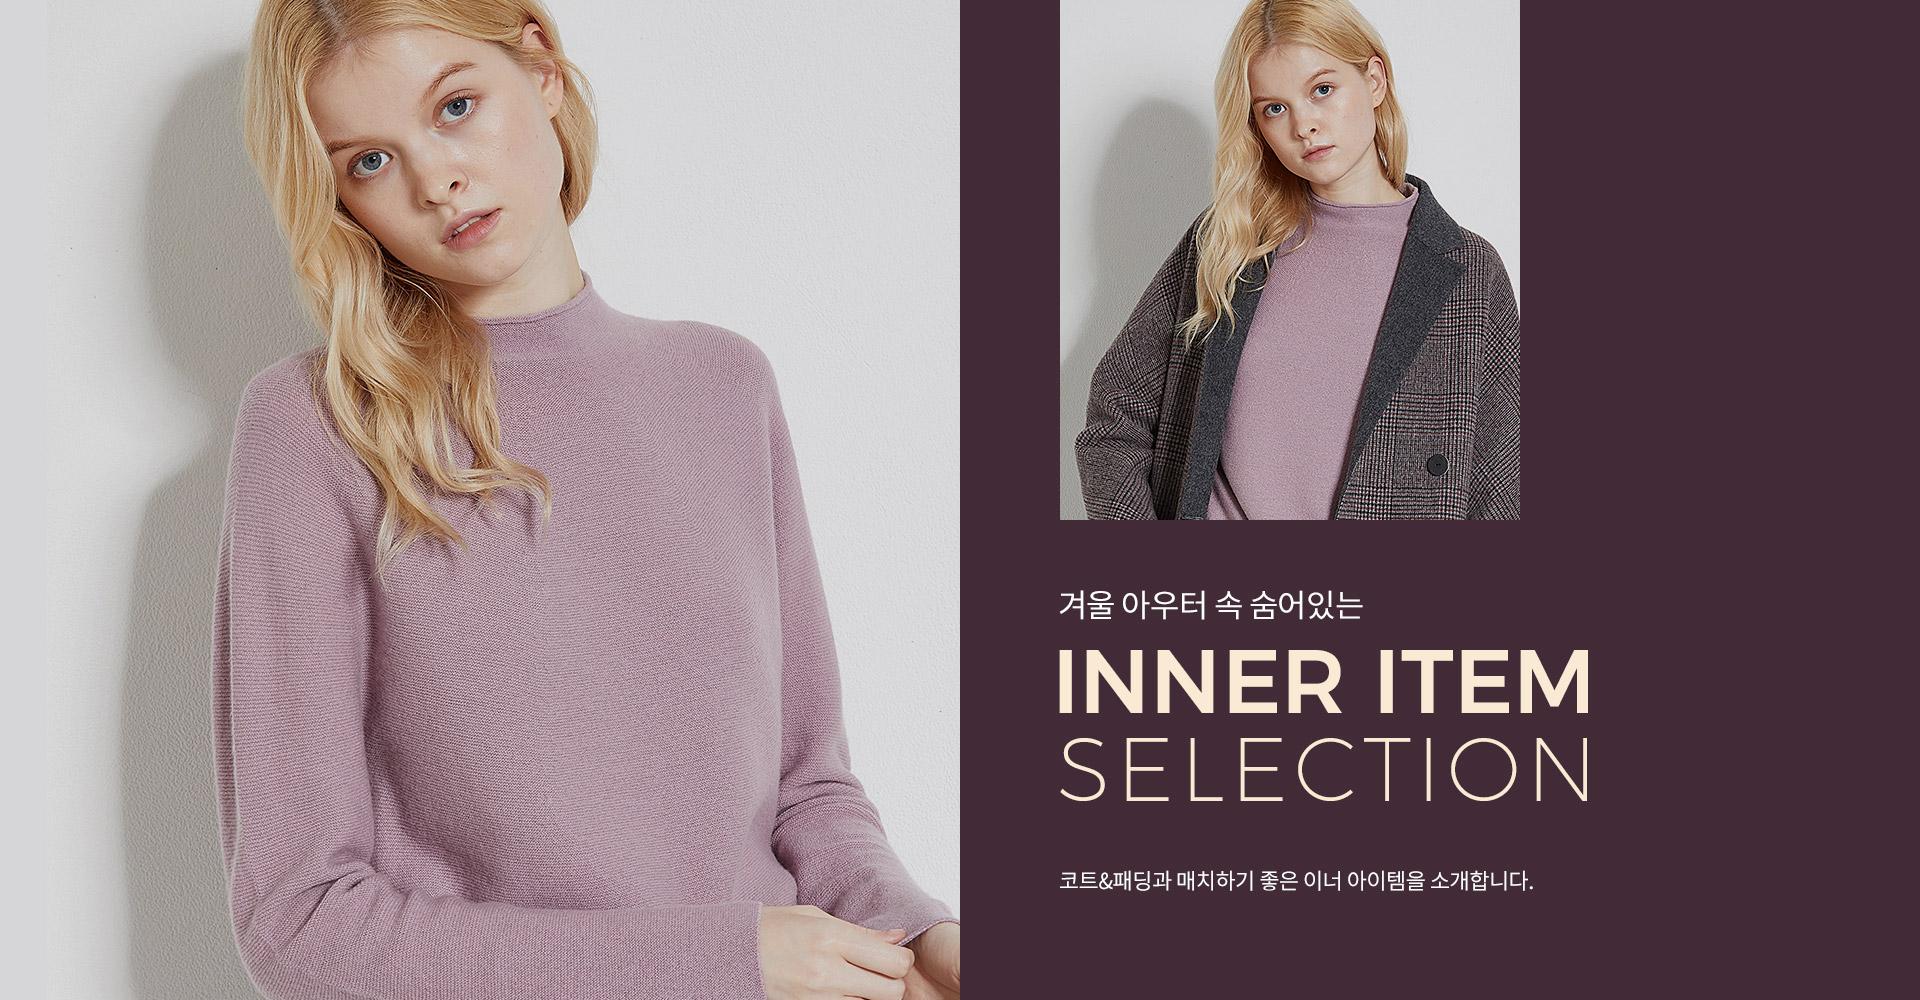 겨울아우터 속 숨어있는 inner item selection 코트 & 패딩과 매치하기 좋은 이너 아이템을 소개합니다.